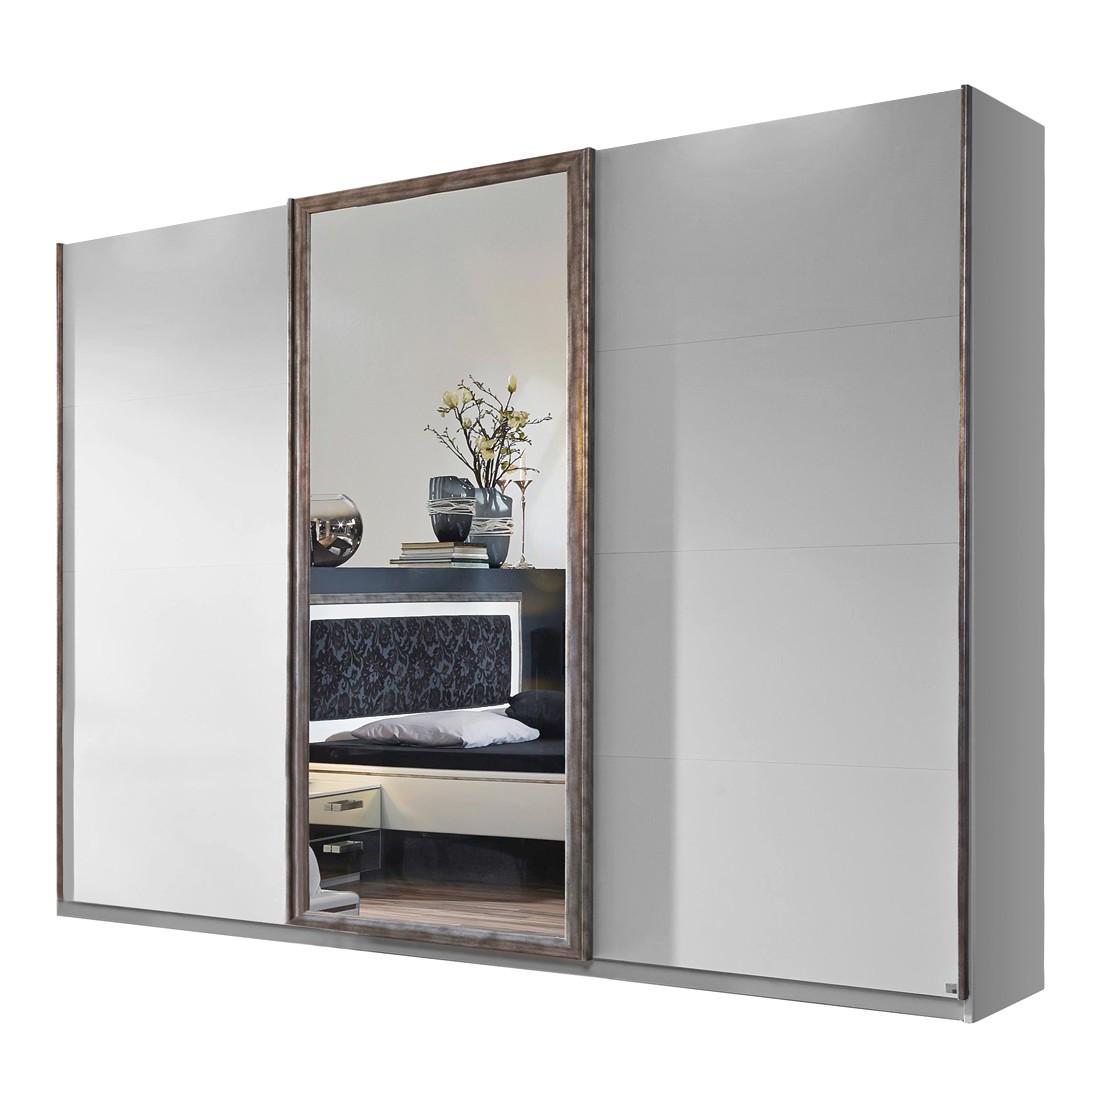 Armoires penderies pas cher porte coulissante fs inspire - Porte coulissante miroir pas cher ...